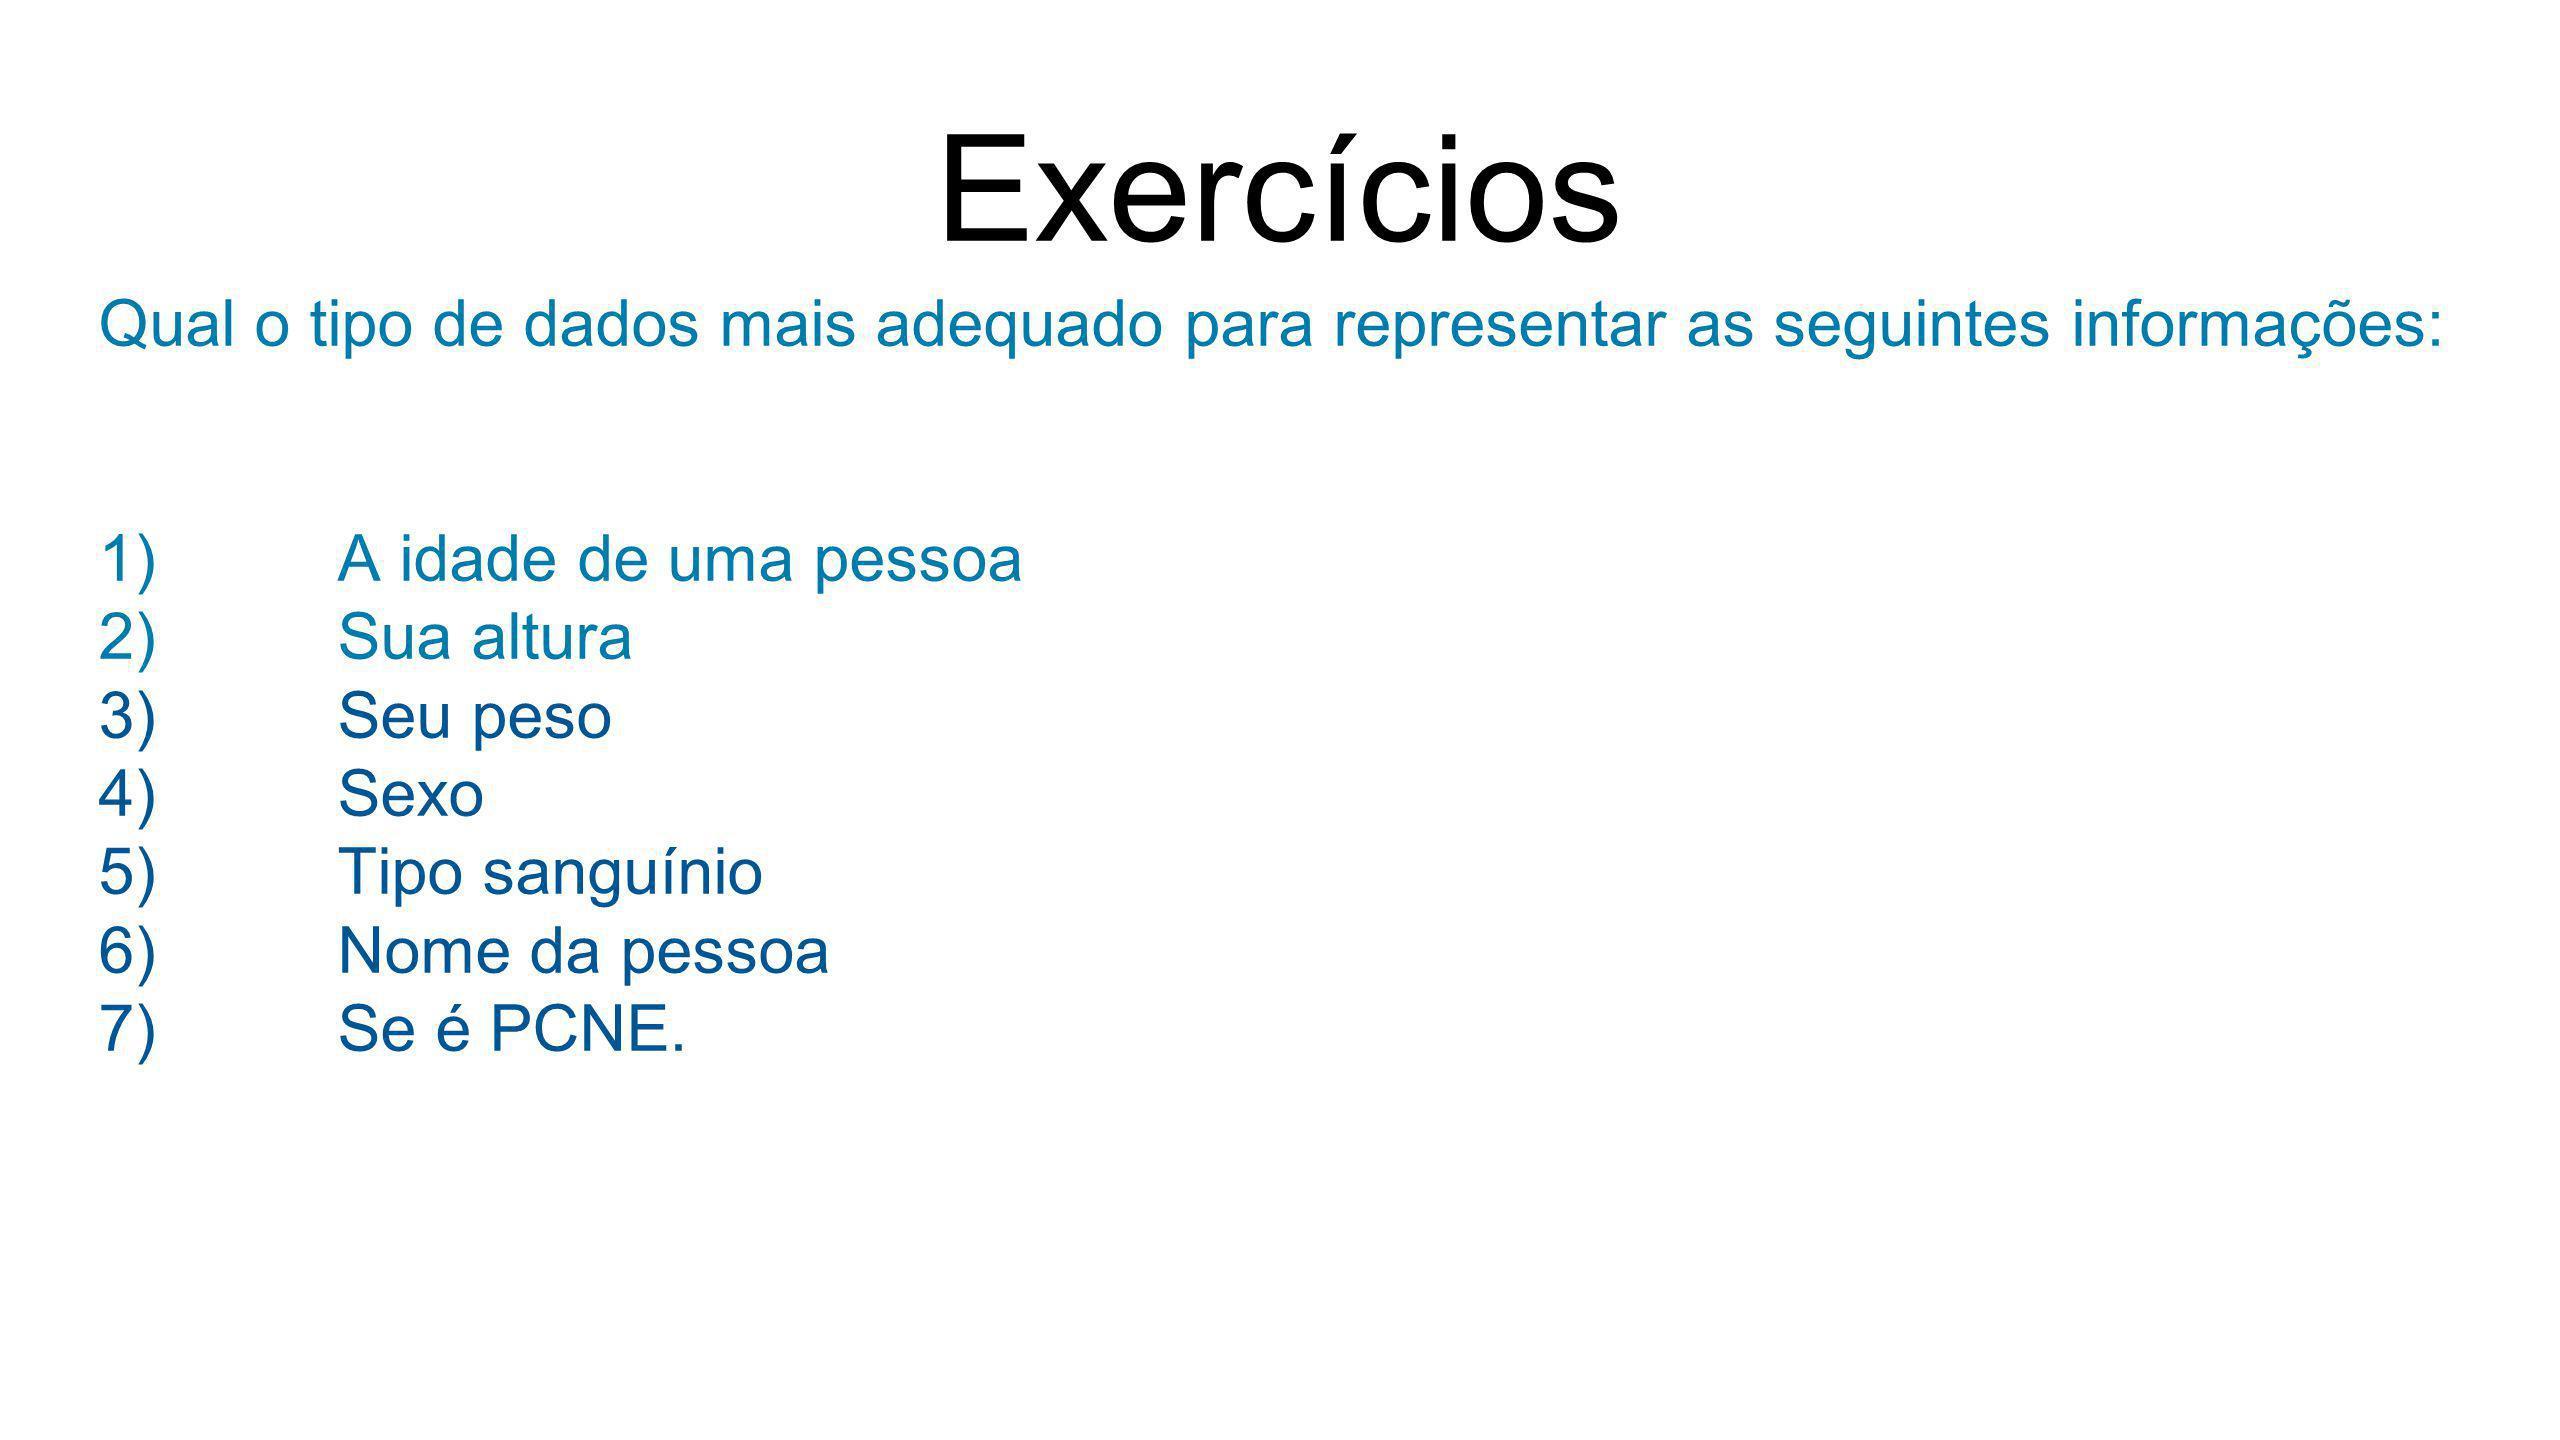 Exercícios Qual o tipo de dados mais adequado para representar as seguintes informações: 1)A idade de uma pessoa 2)Sua altura 3)Seu peso 4)Sexo 5)Tipo